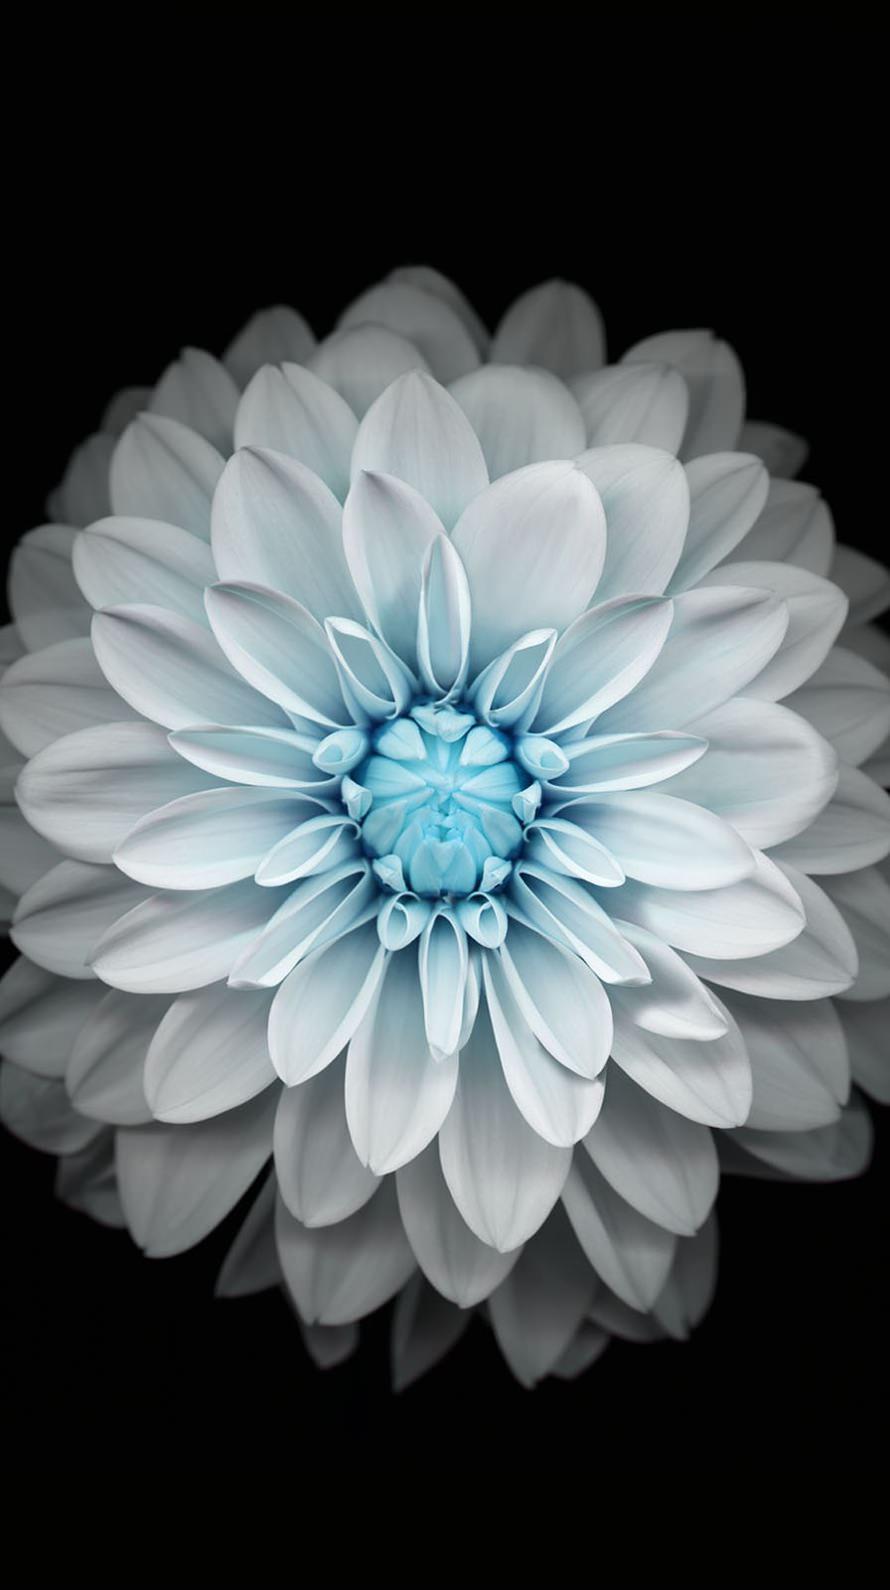 iPhone Wallpaper Flowers - WallpaperSafari